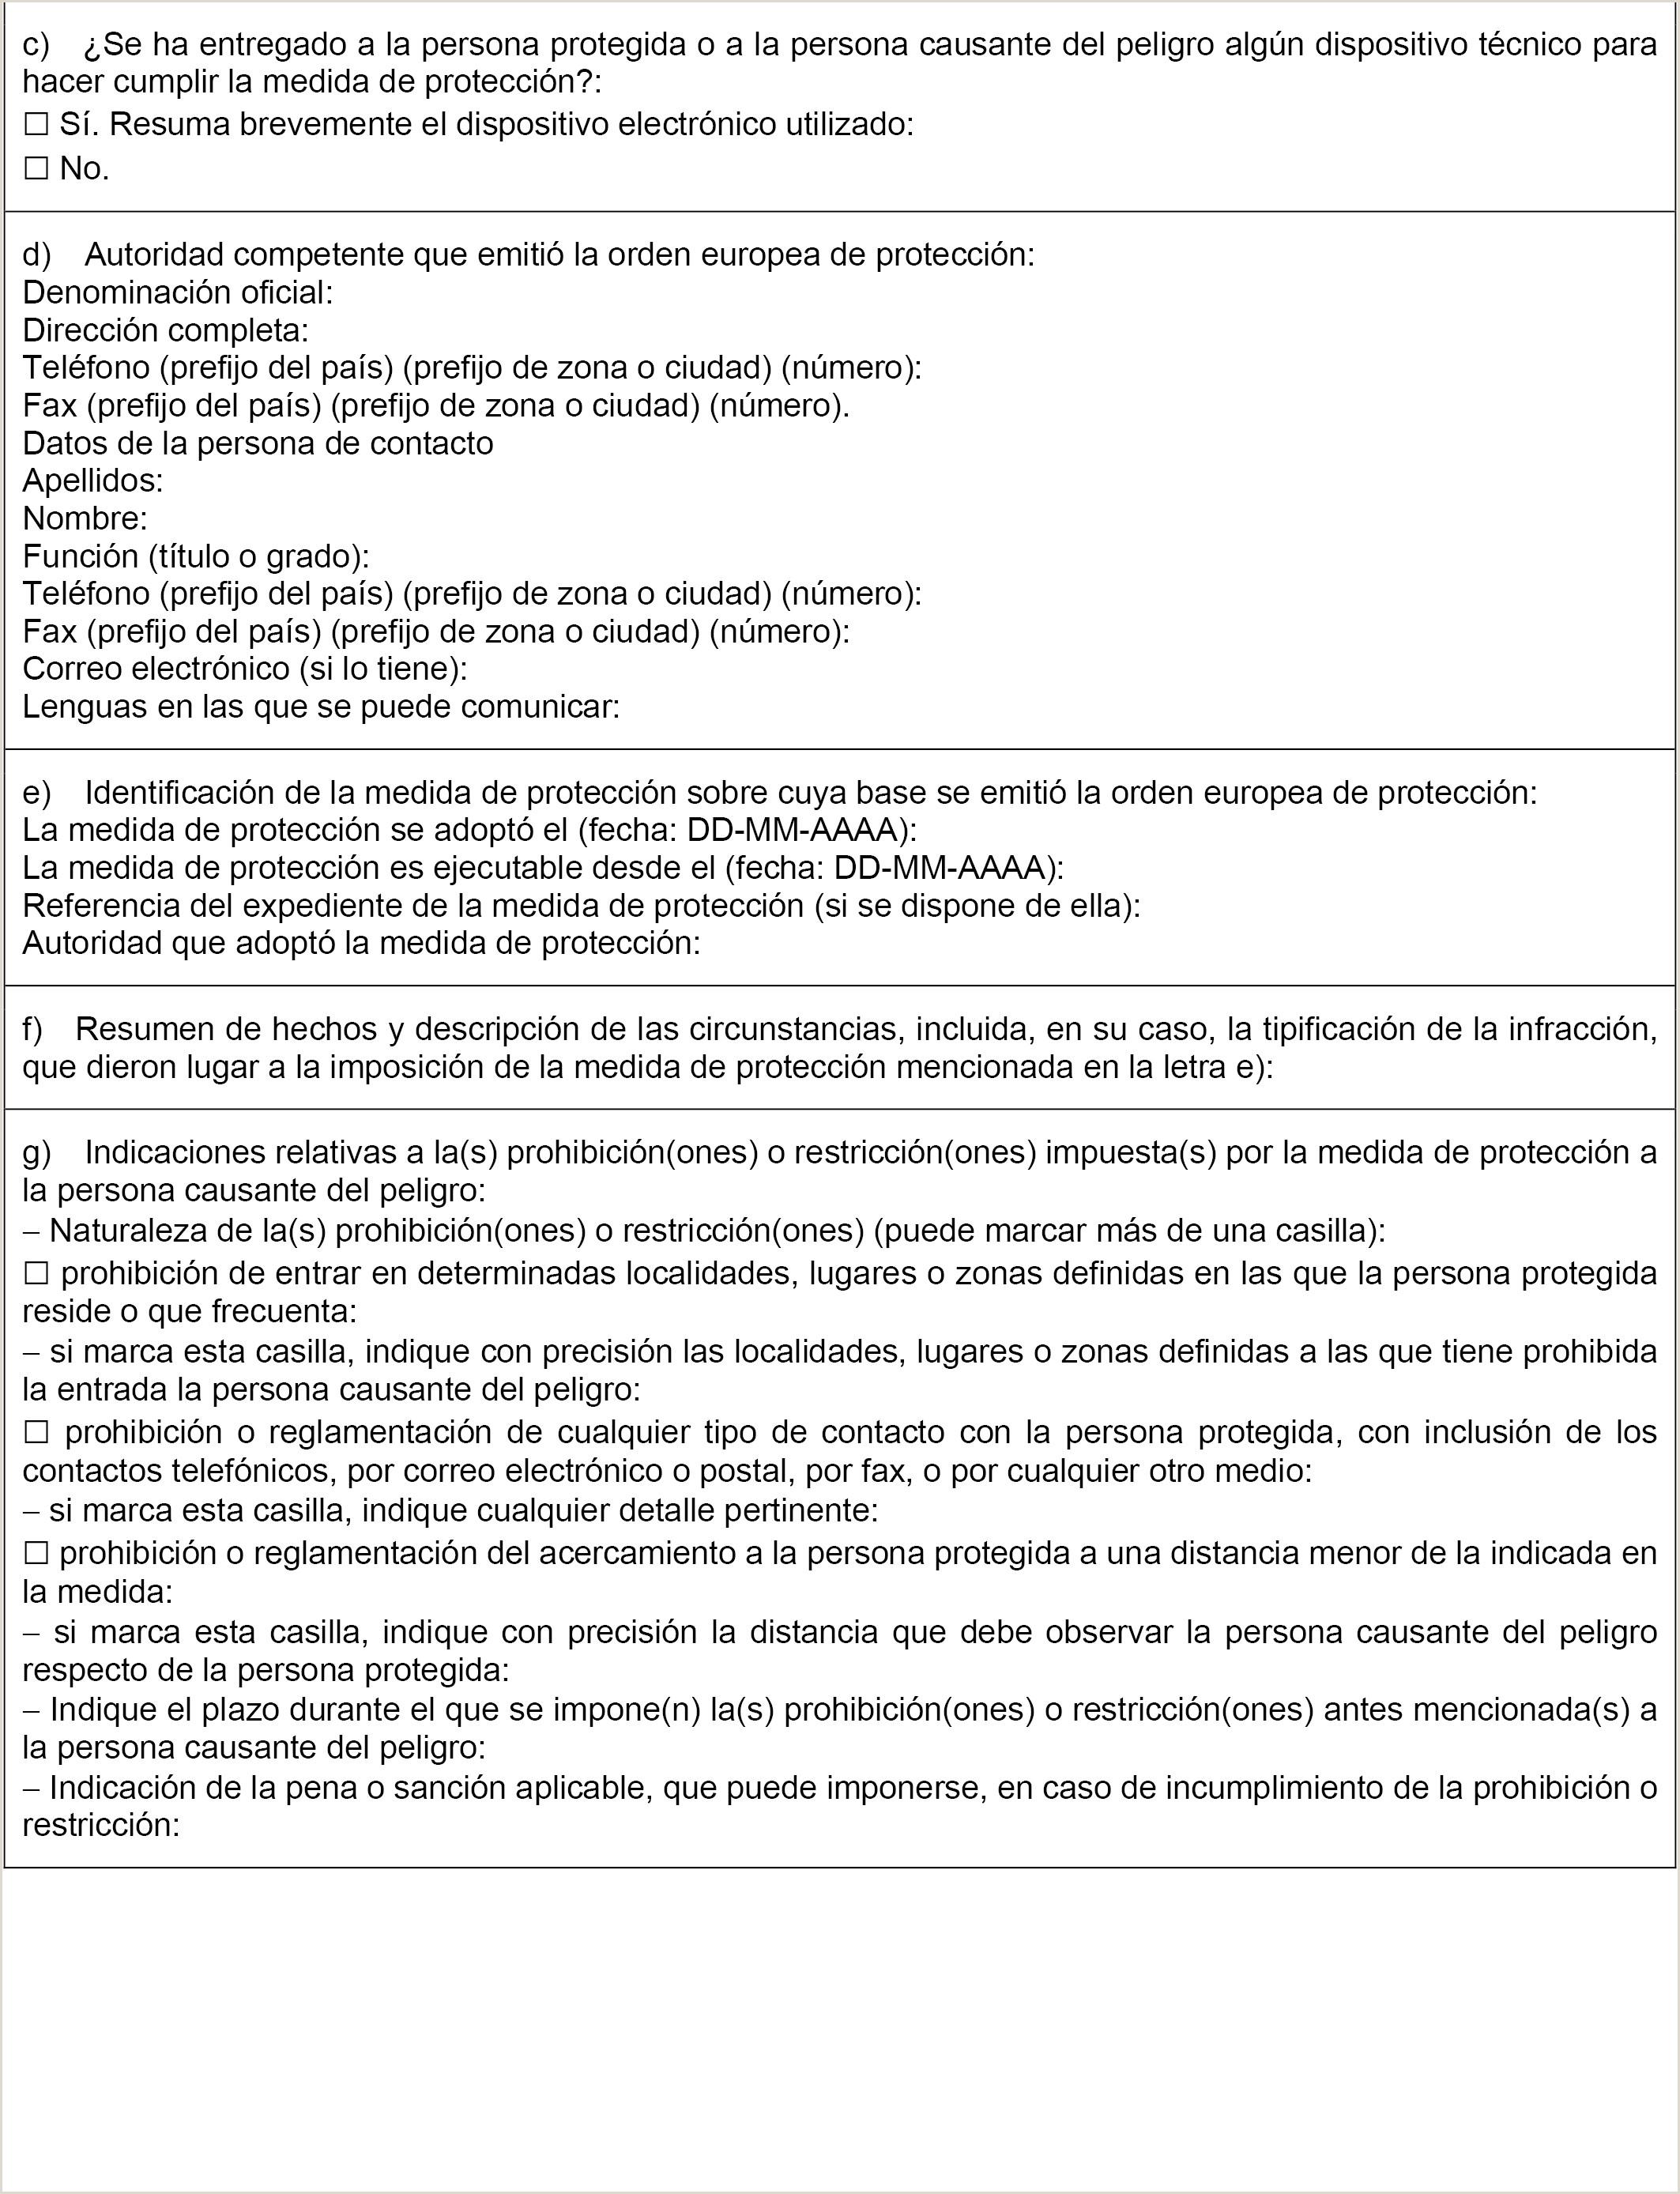 Formato De Hoja De Vida Funcionario Publico Boe Documento Consolidado Boe A 2014